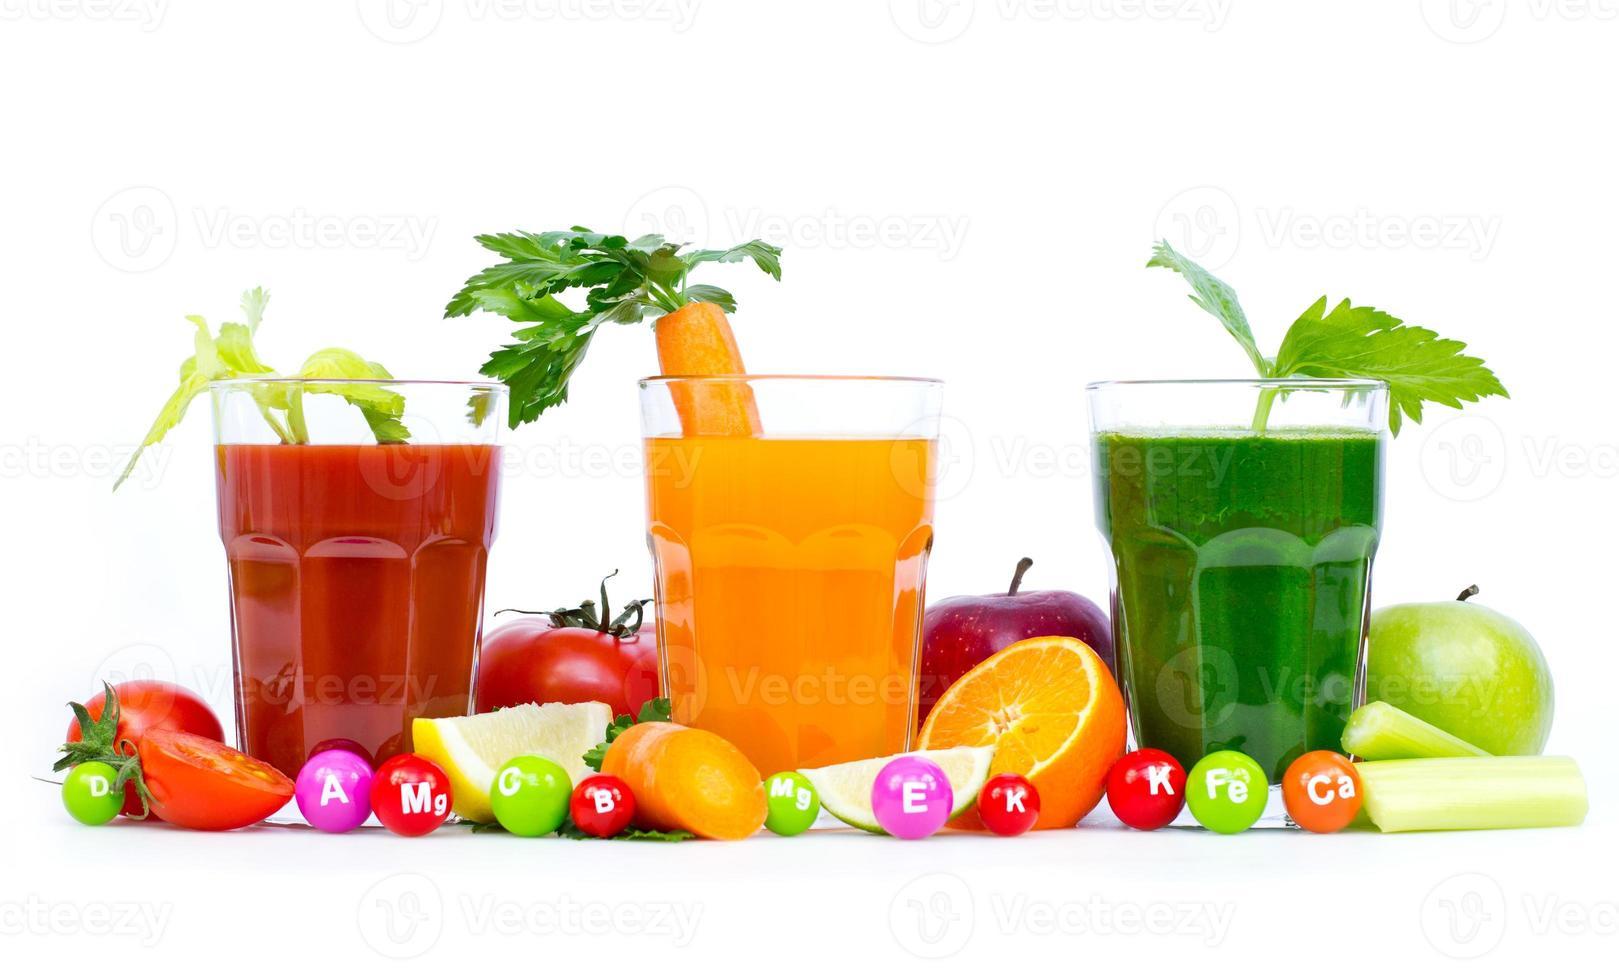 verse, biologische fruit- en groentesappen foto